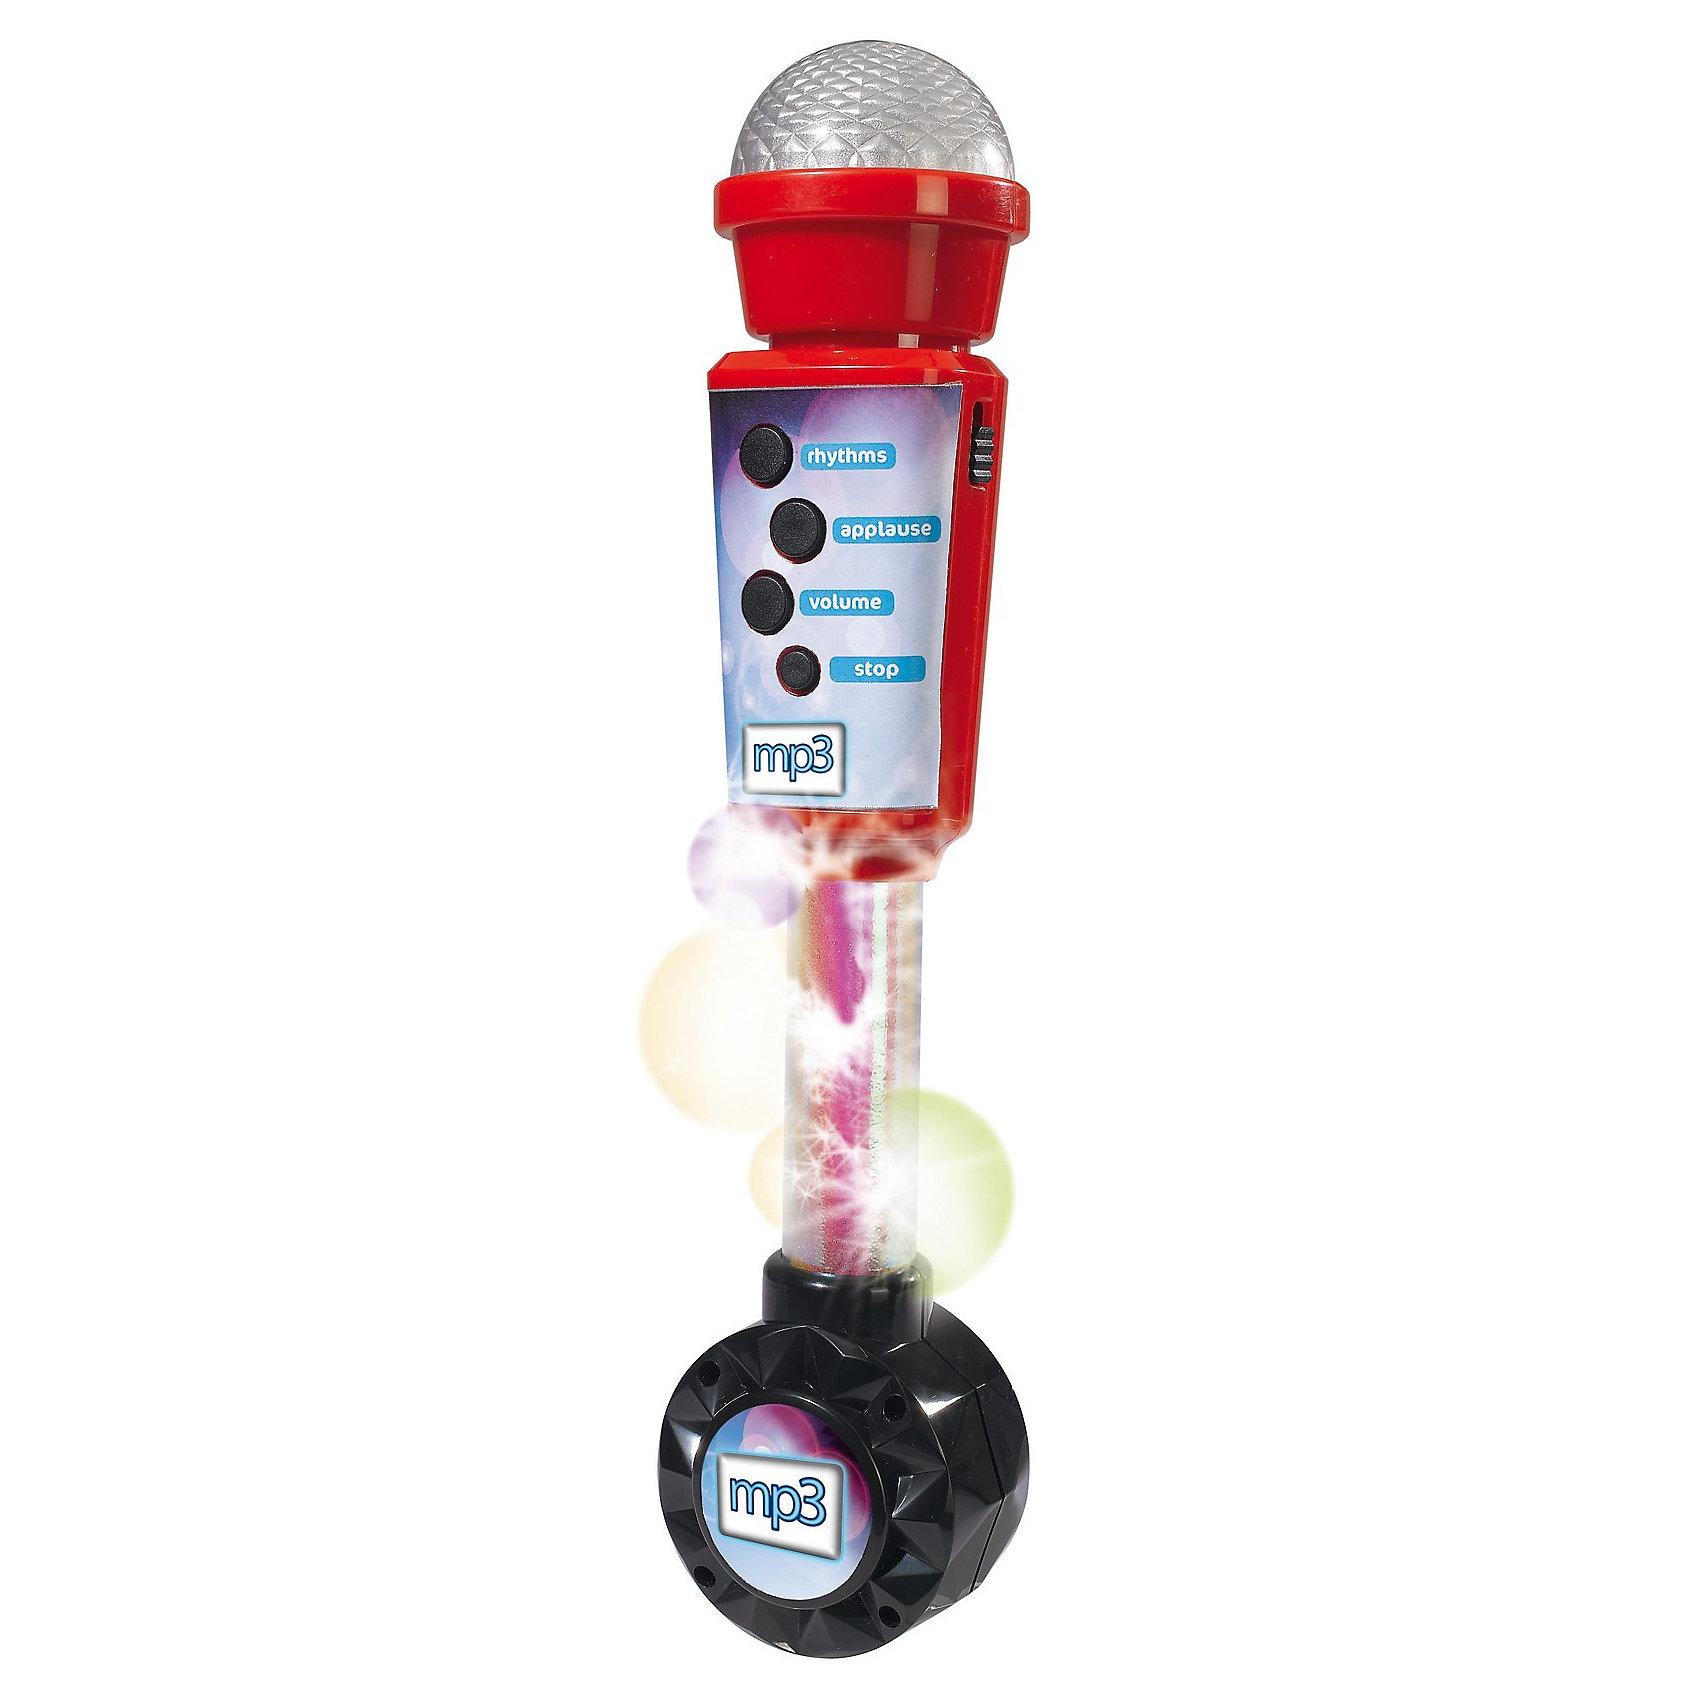 Микрофон совместимый с mp3, 4 ритма, 30 см, SimbaМузыкальные инструменты и игрушки<br>Характеристики:<br><br>• 4 встроенных ритма;<br>• возможность подключения к MP3 плееру;<br>• кнопка включения аплодисментов;<br>• регулируемая громкость;<br>• световые эффекты;<br>• высота микрофона: 30 см;<br>• батарейки: АА - 2 шт. (не входят в комплект); <br>• размер упаковки: 13х6х32 см;<br>• материал: пластик;<br>• страна бренда: Германия.<br><br>Многофункциональный микрофон - необходимый атрибут для каждого певца. Микрофон от Simba оснащен световыми эффектами, который сделают игру еще интереснее. Во время работы основание микрофона переливается яркими огоньками.<br><br>Микрофон имеет четыре встроенных ритма, воспроизводящихся друг за другом при нажатии на кнопку. При повторном нажатии ритм меняется на следующий. Кнопка аплодисментов порадует начинающего артиста. После каждой песни певец будет рад услышать одобрение зрителей.<br><br>Громкость микрофона можно регулировать при нажатии на кнопку. Есть возможность подключения к MP3 плееру, чтобы ребенок мог подпевать любимым песням и устраивать свои музыкальные представления. Для работы необходимы две батарейки АА (не входят в комплект).<br><br>Микрофон совместимый с mp3, 4 ритма, 30 см, Simba (Симба) можно купить в нашем интернет-магазине.<br><br>Ширина мм: 323<br>Глубина мм: 128<br>Высота мм: 61<br>Вес г: 273<br>Возраст от месяцев: 72<br>Возраст до месяцев: 2147483647<br>Пол: Унисекс<br>Возраст: Детский<br>SKU: 3387043